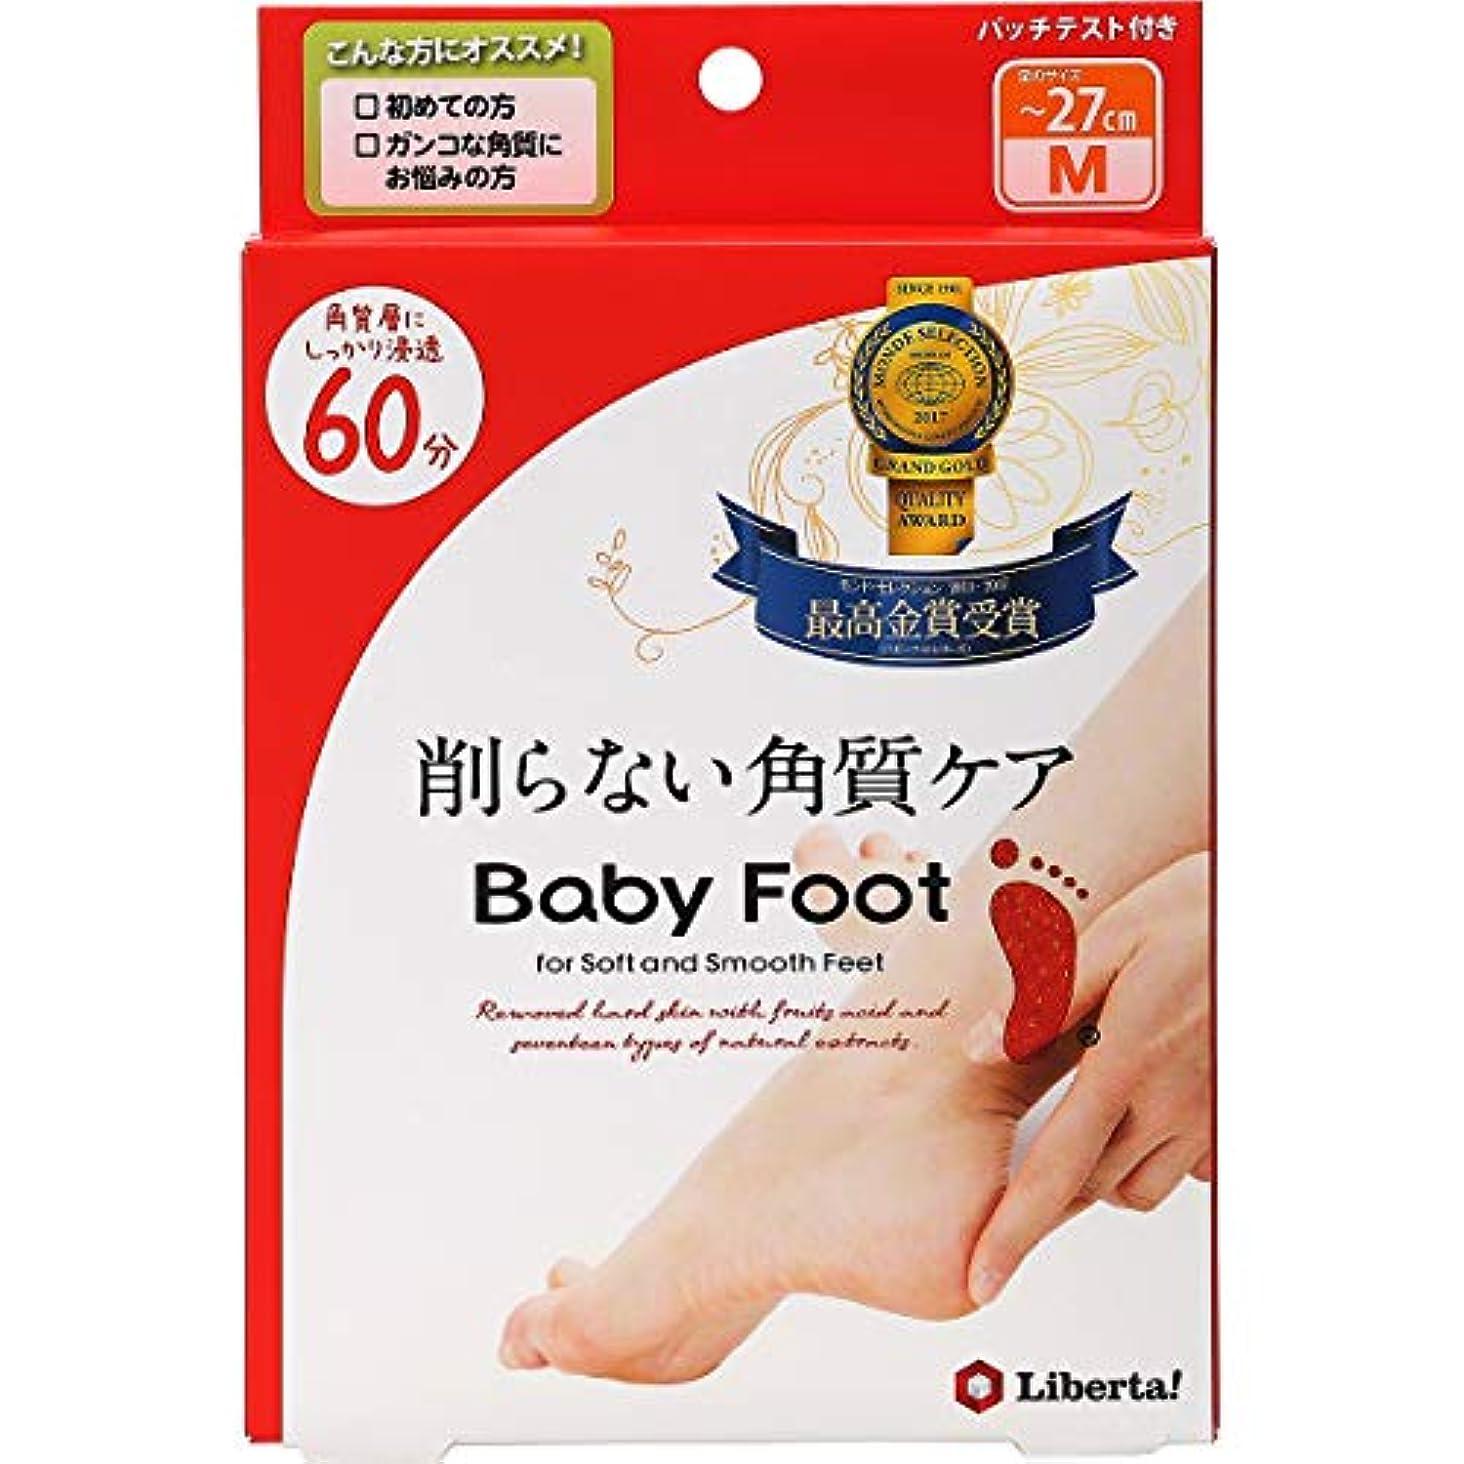 参照する計算するウミウシベビーフット (Baby Foot) ベビーフット イージーパック SPT60分タイプ Mサイズ 単品